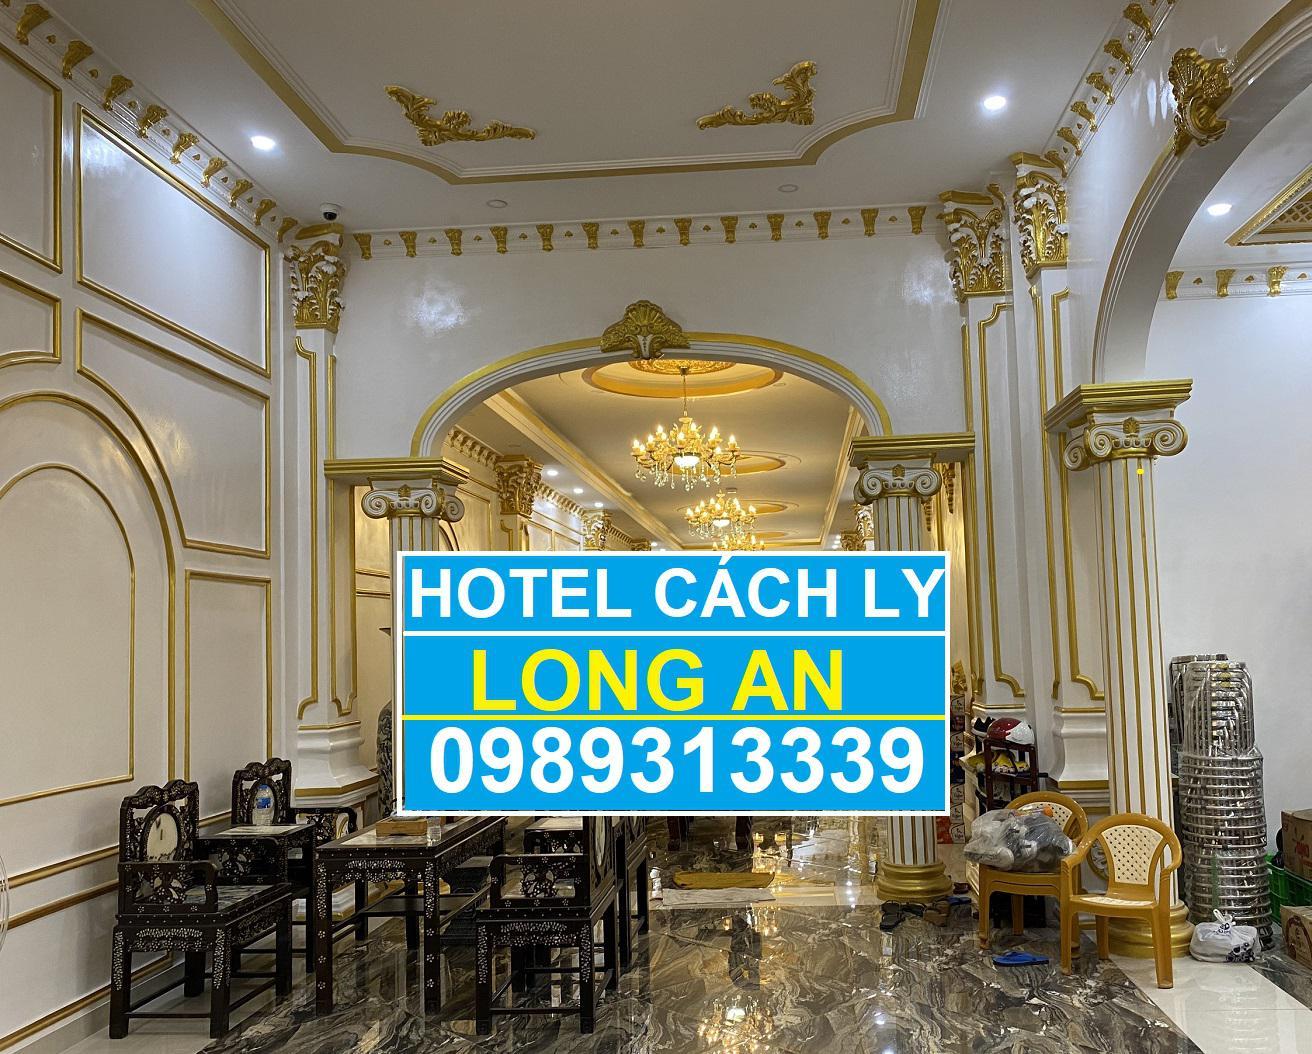 Danh sách khách sạn Cách ly tại Long An mới nhất